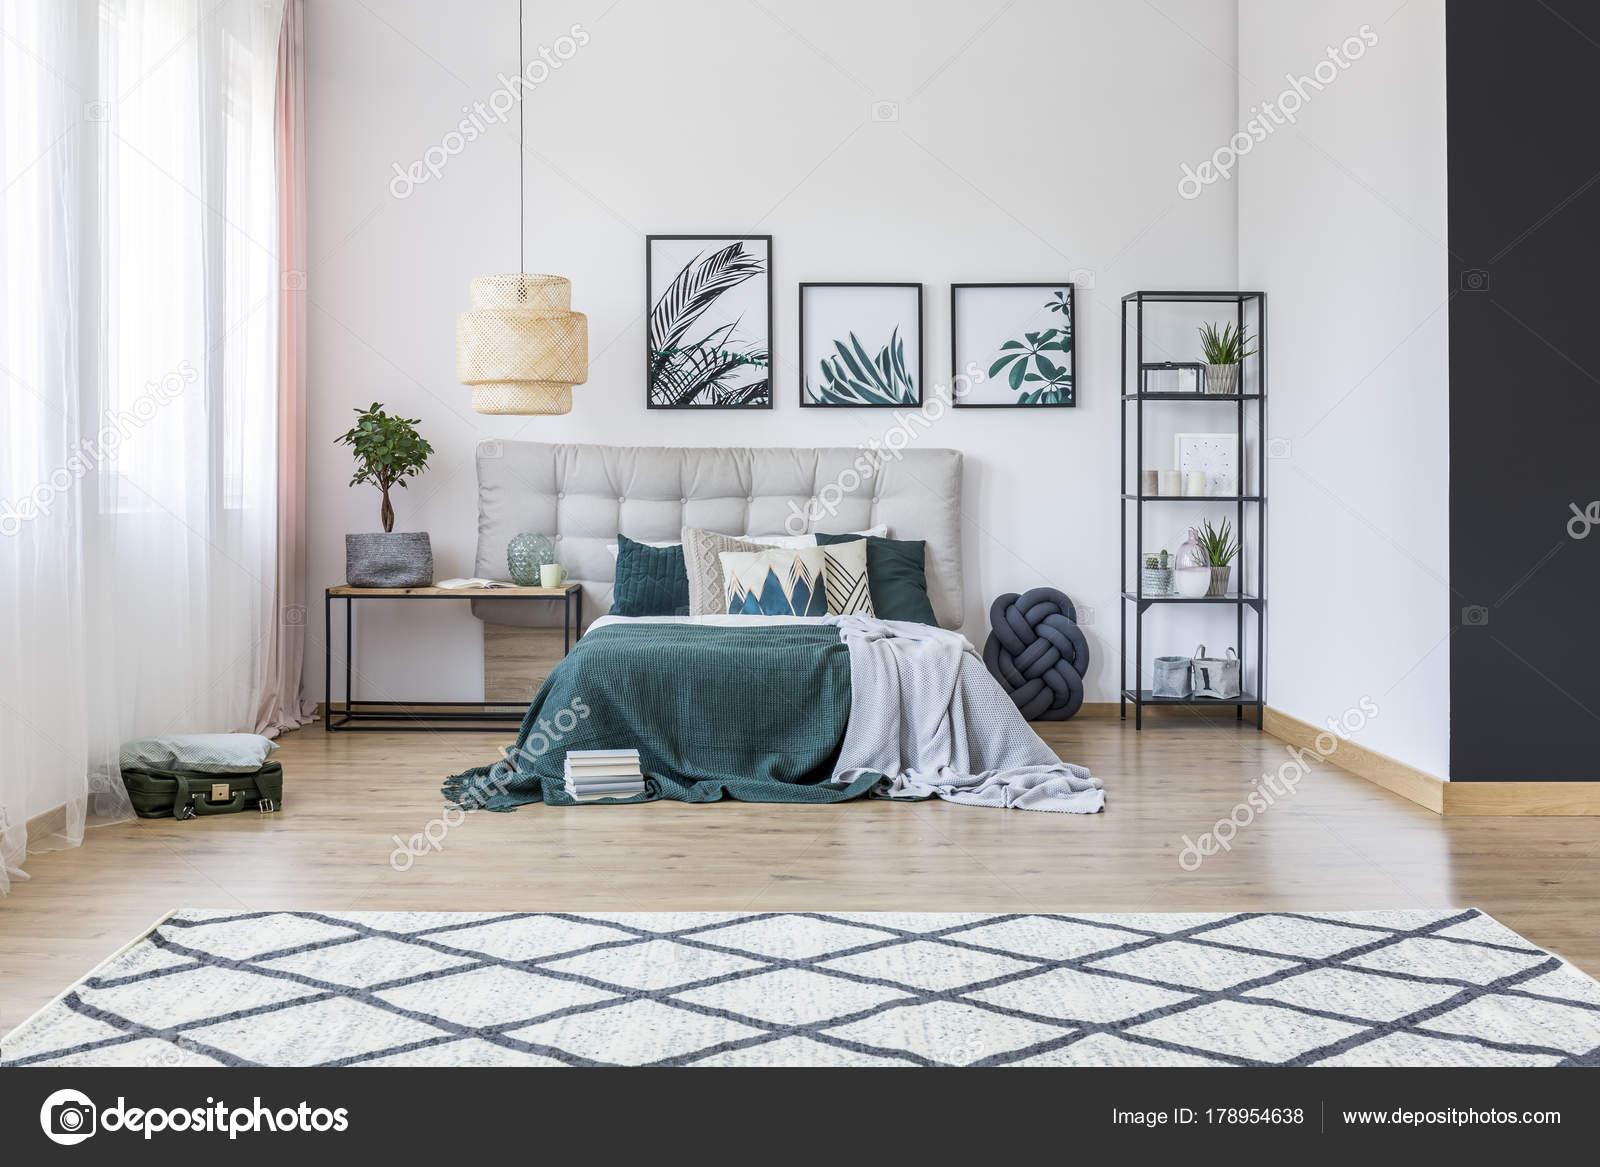 Przestronna Sypialnia Z Liści Plakaty Zdjęcie Stockowe